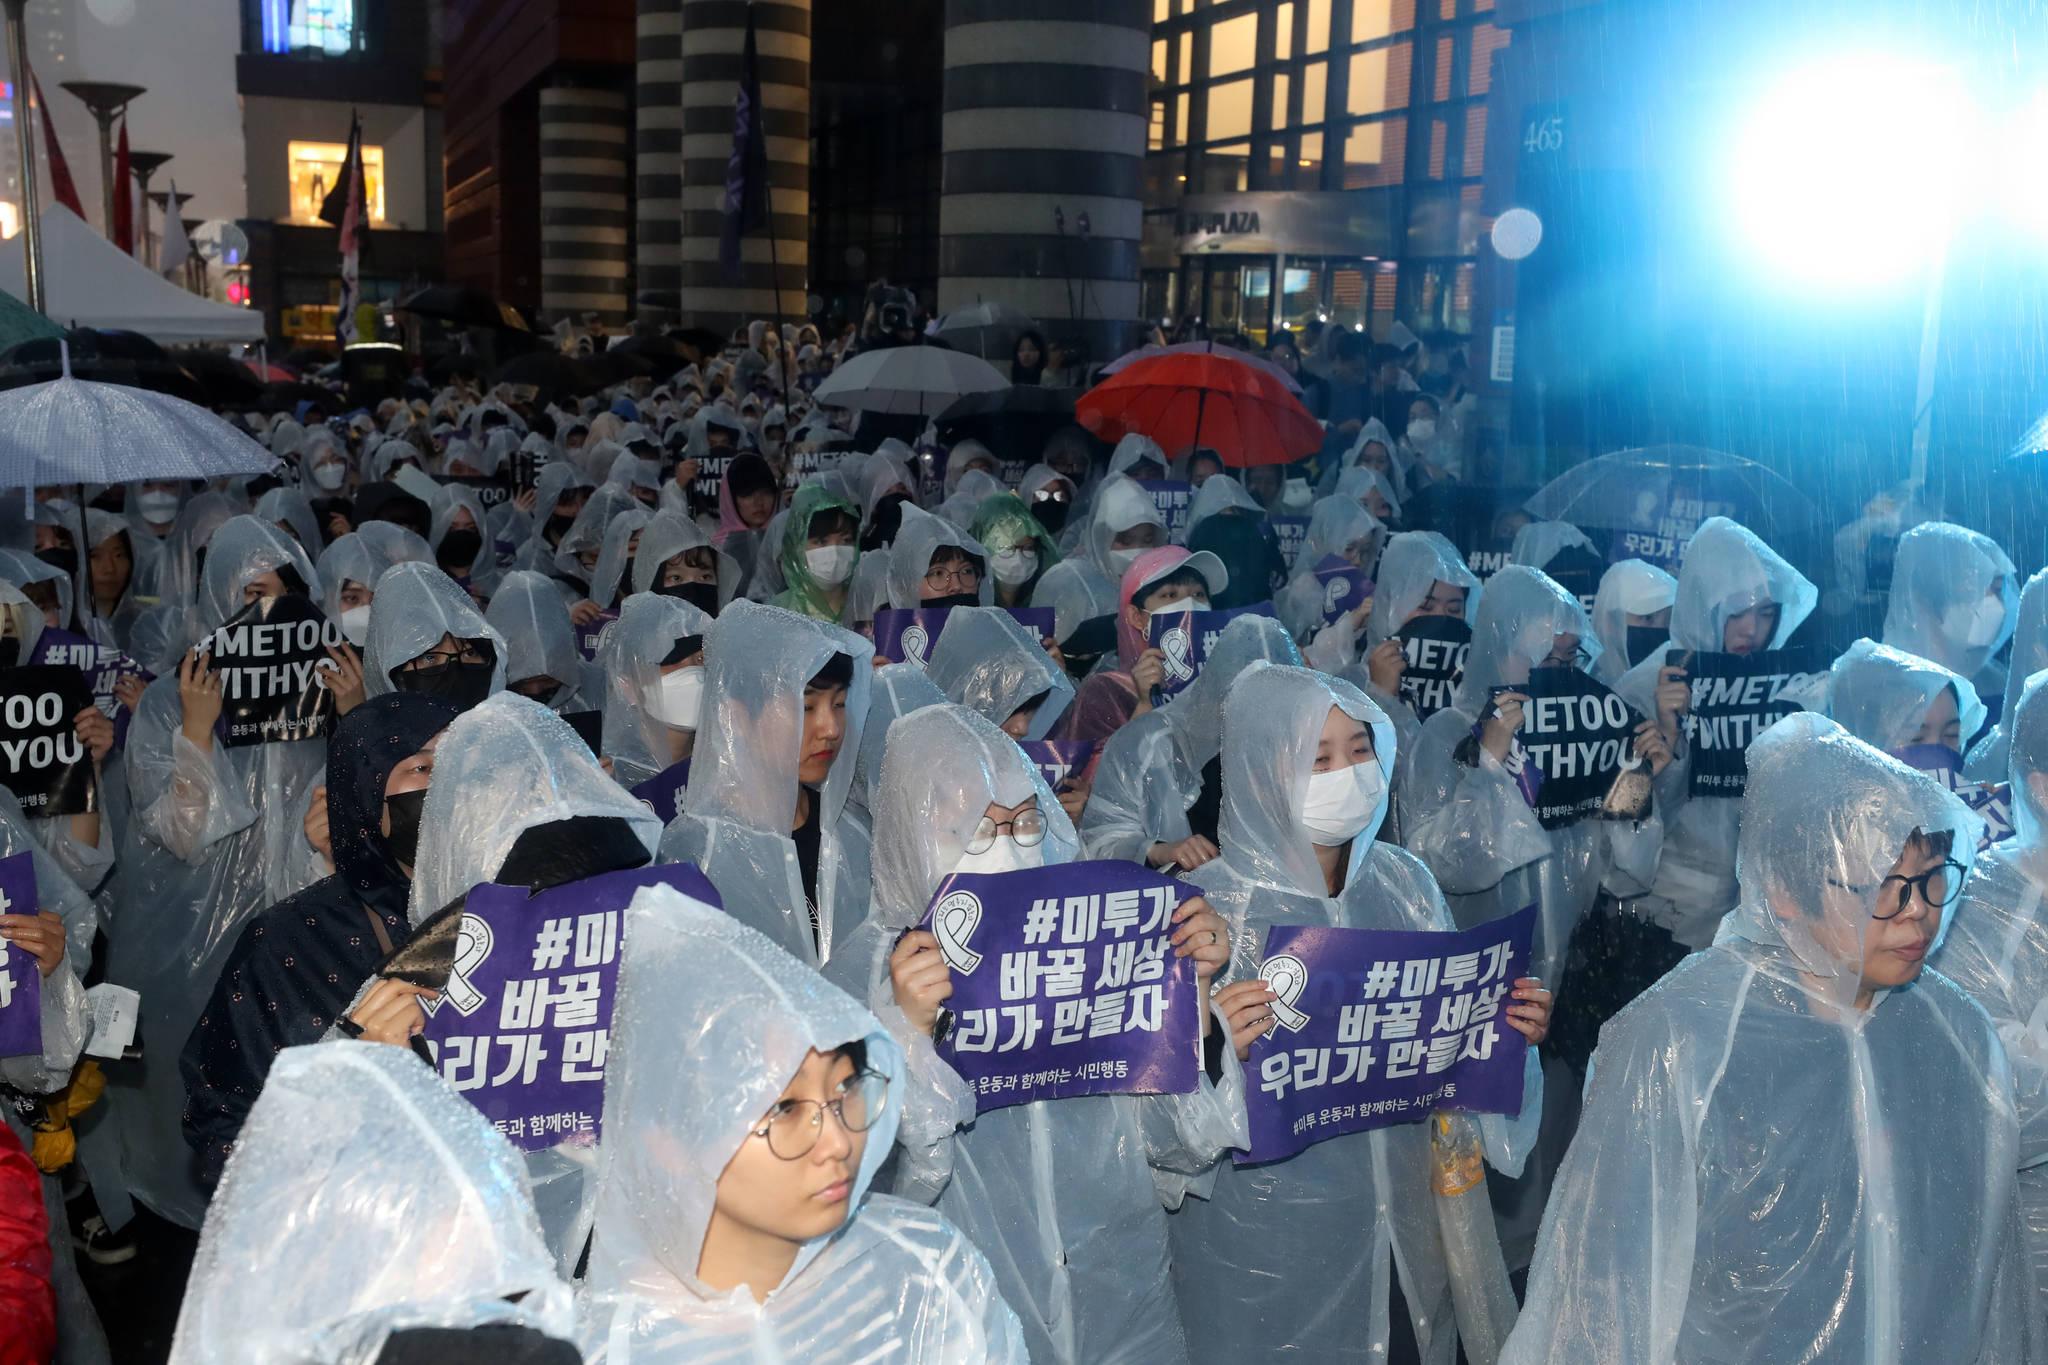 '강남역 여성살해 사건'의 2주기를 맞아 17일 오후 서울 신논현역 앞에서 '강남역 여성 살해 사건 2주기 추모 성차별·성폭력 4차 끝장집회'가 열렸다. 전날부터 내린 비에도 불구하고 주최 측 추산 2000여명의 참가자들이 모여 피해여성의 추모와 재발방지를 촉구했다. [뉴스1]